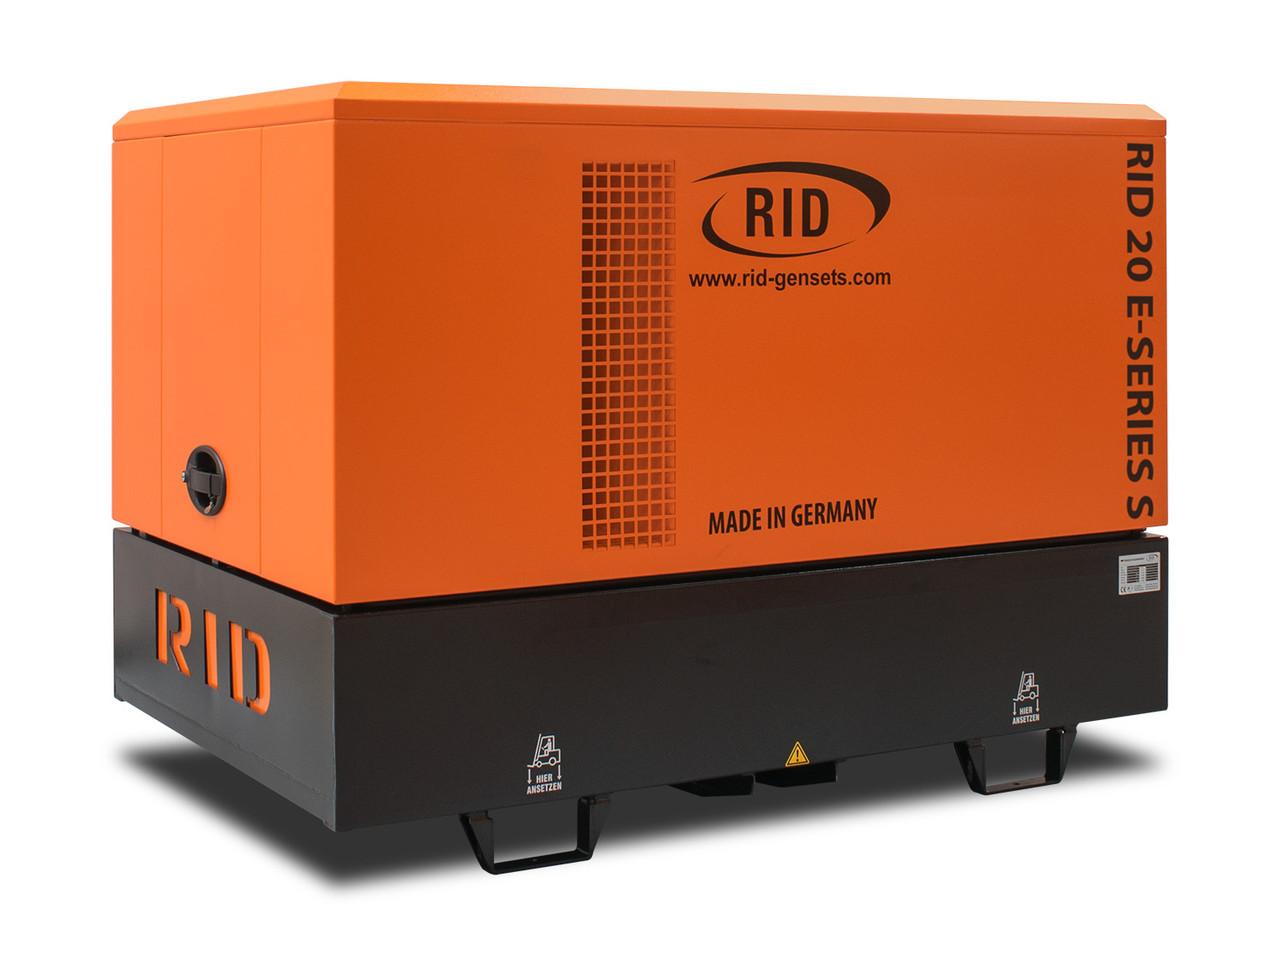 ⚡ RID 20/1 E-SERIES S (16 кВт)